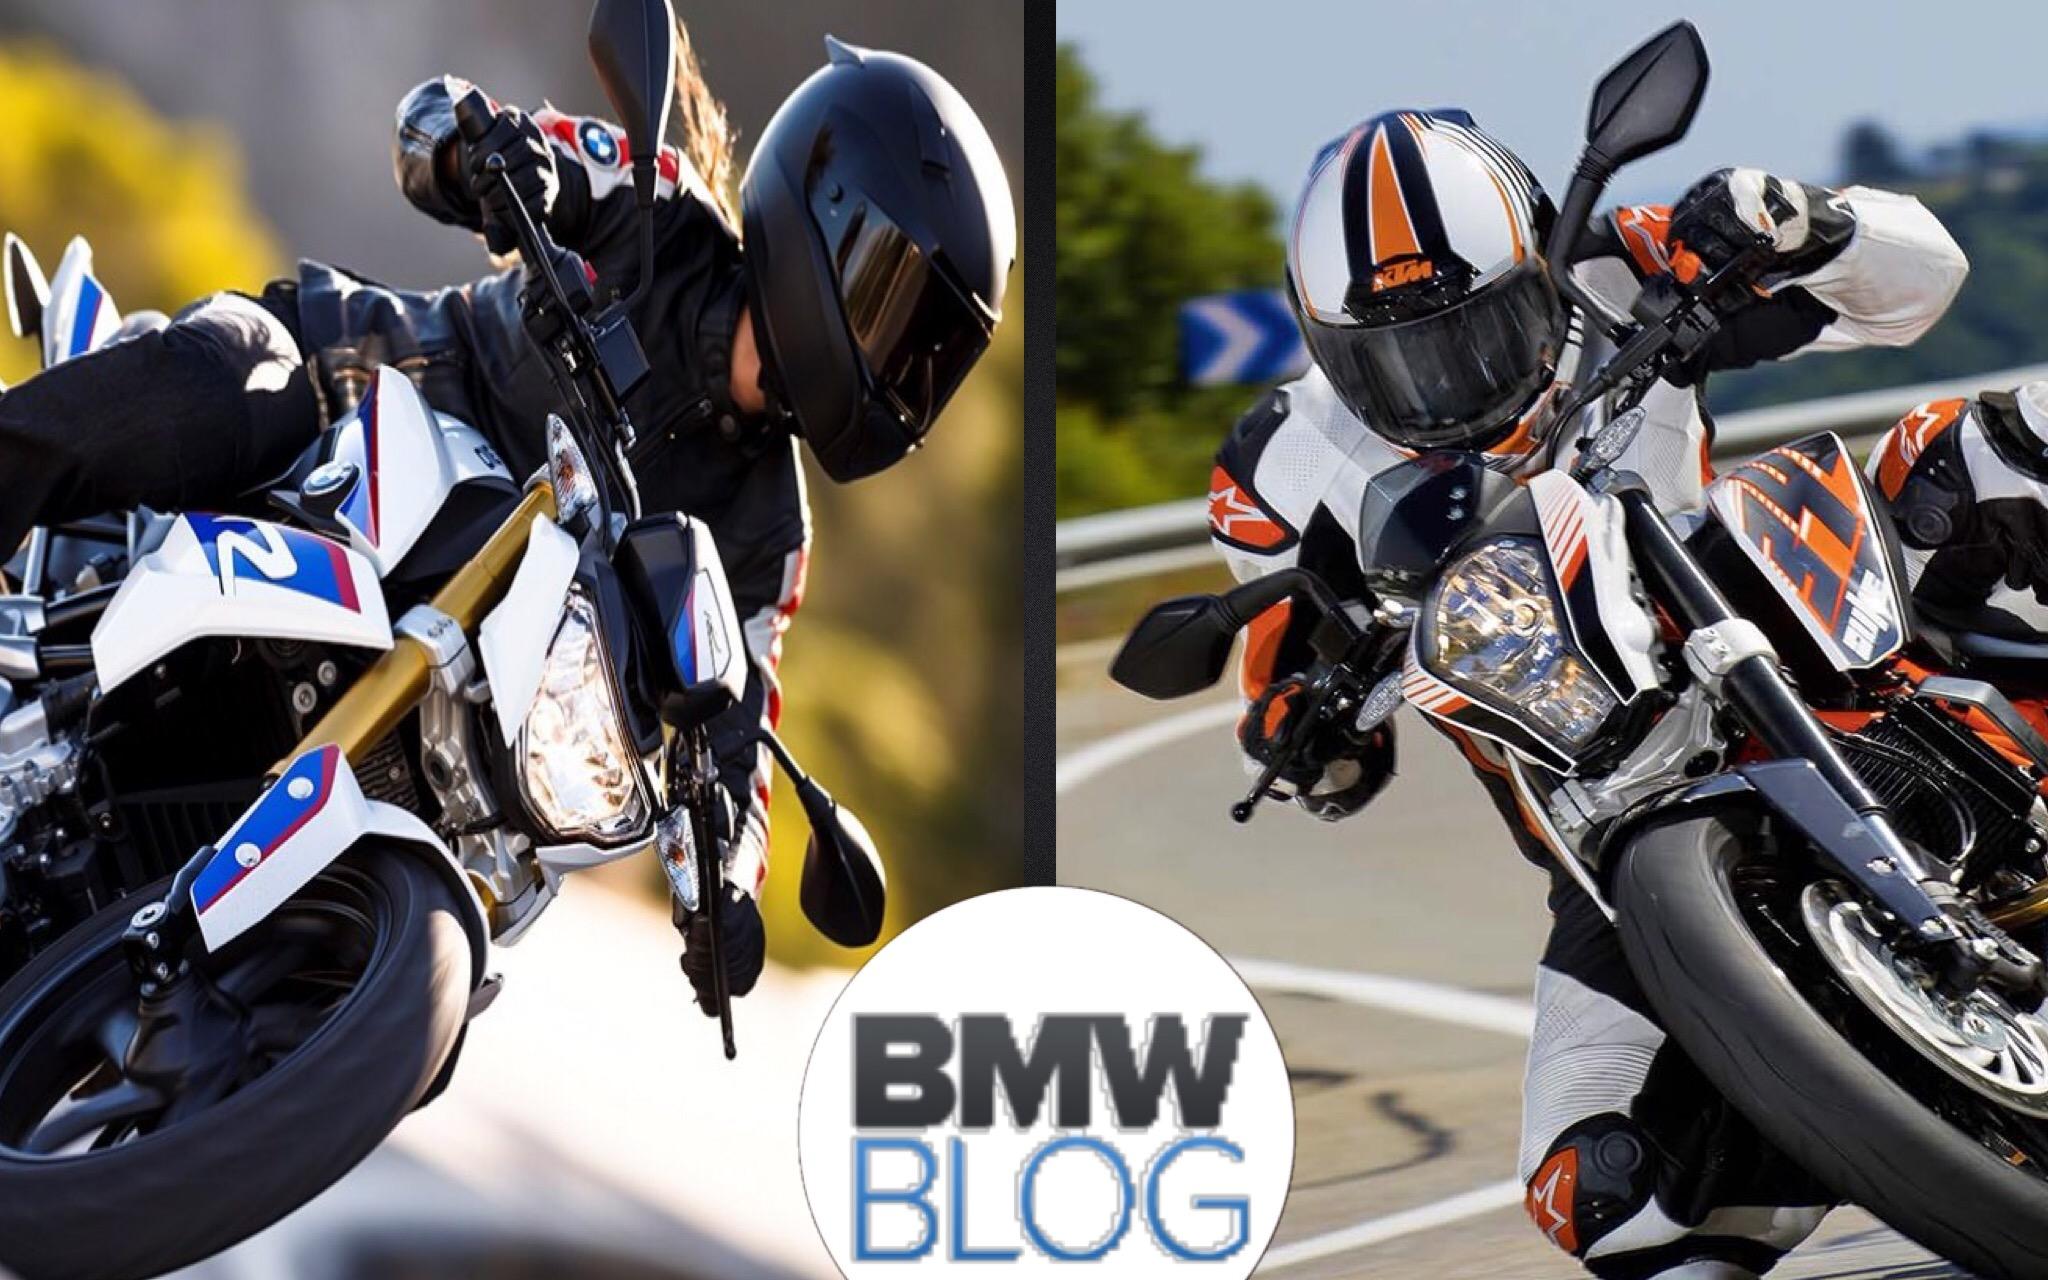 BMW G310 R vs. KTM 390 Duke